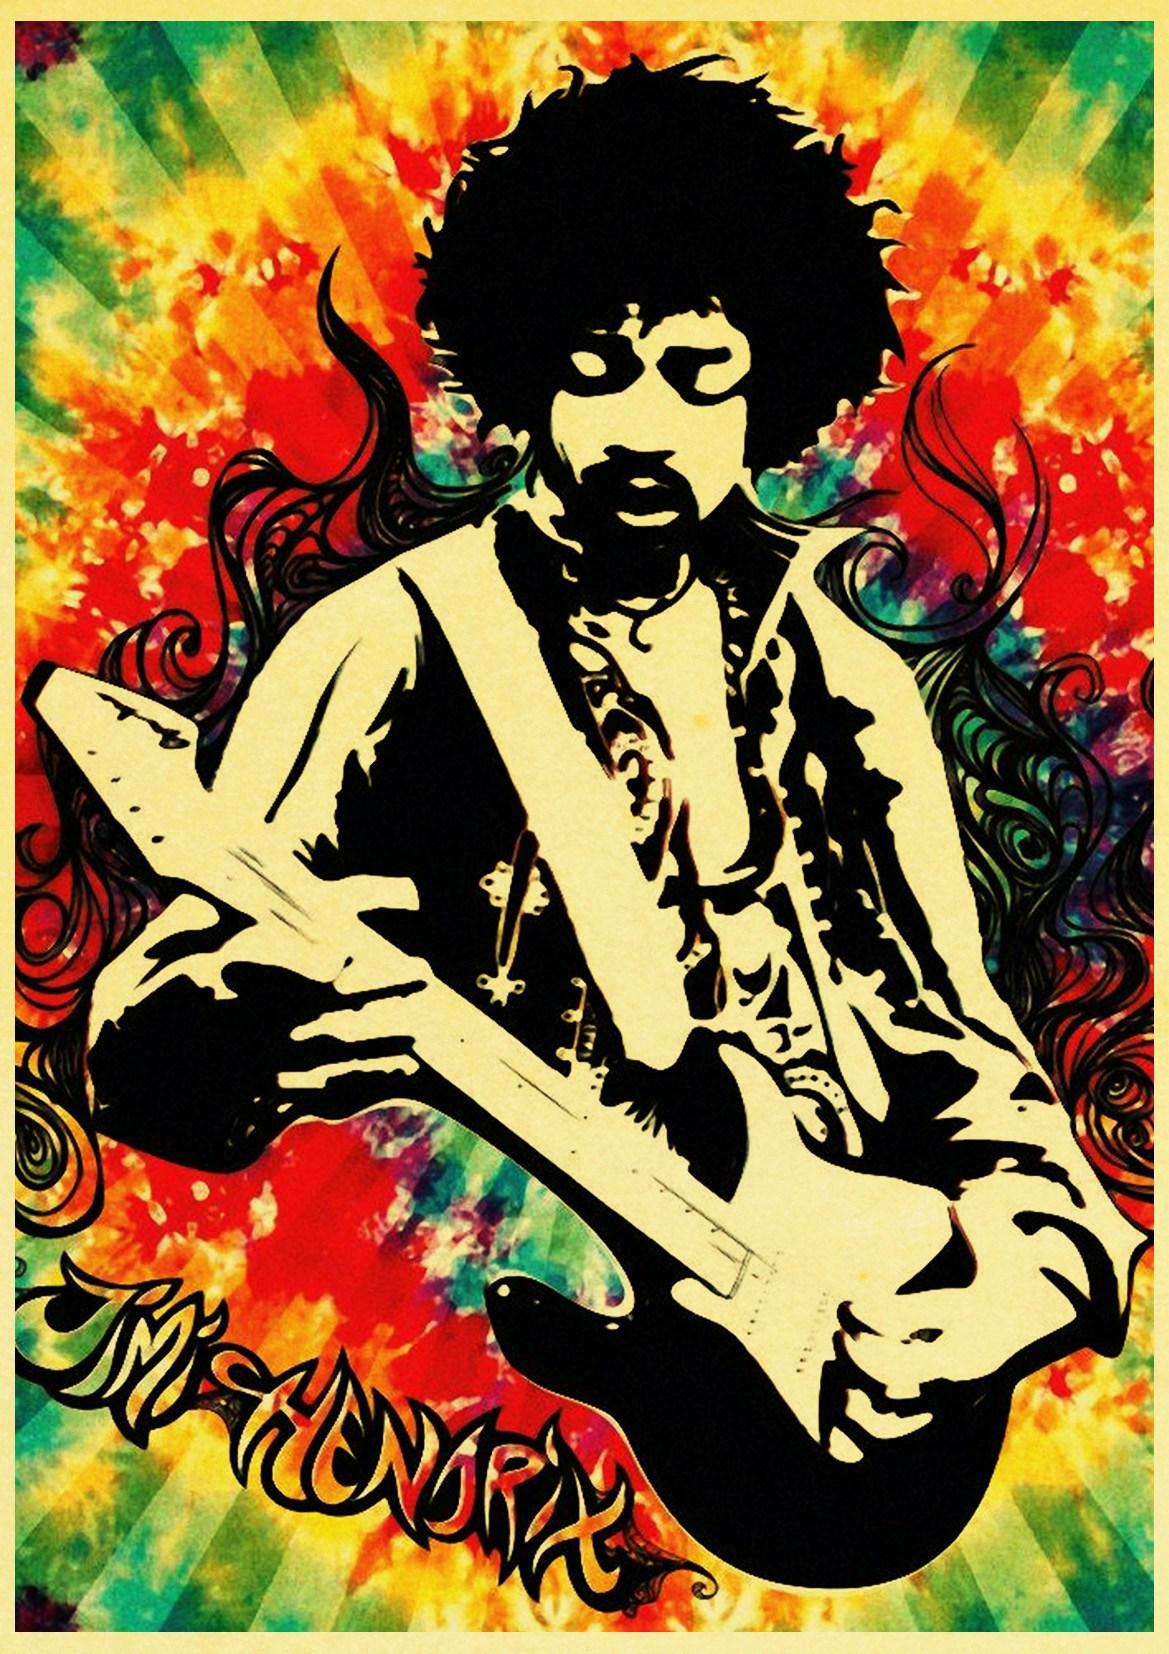 220 Jimi hendrix Art Wall Cloth Poster Print